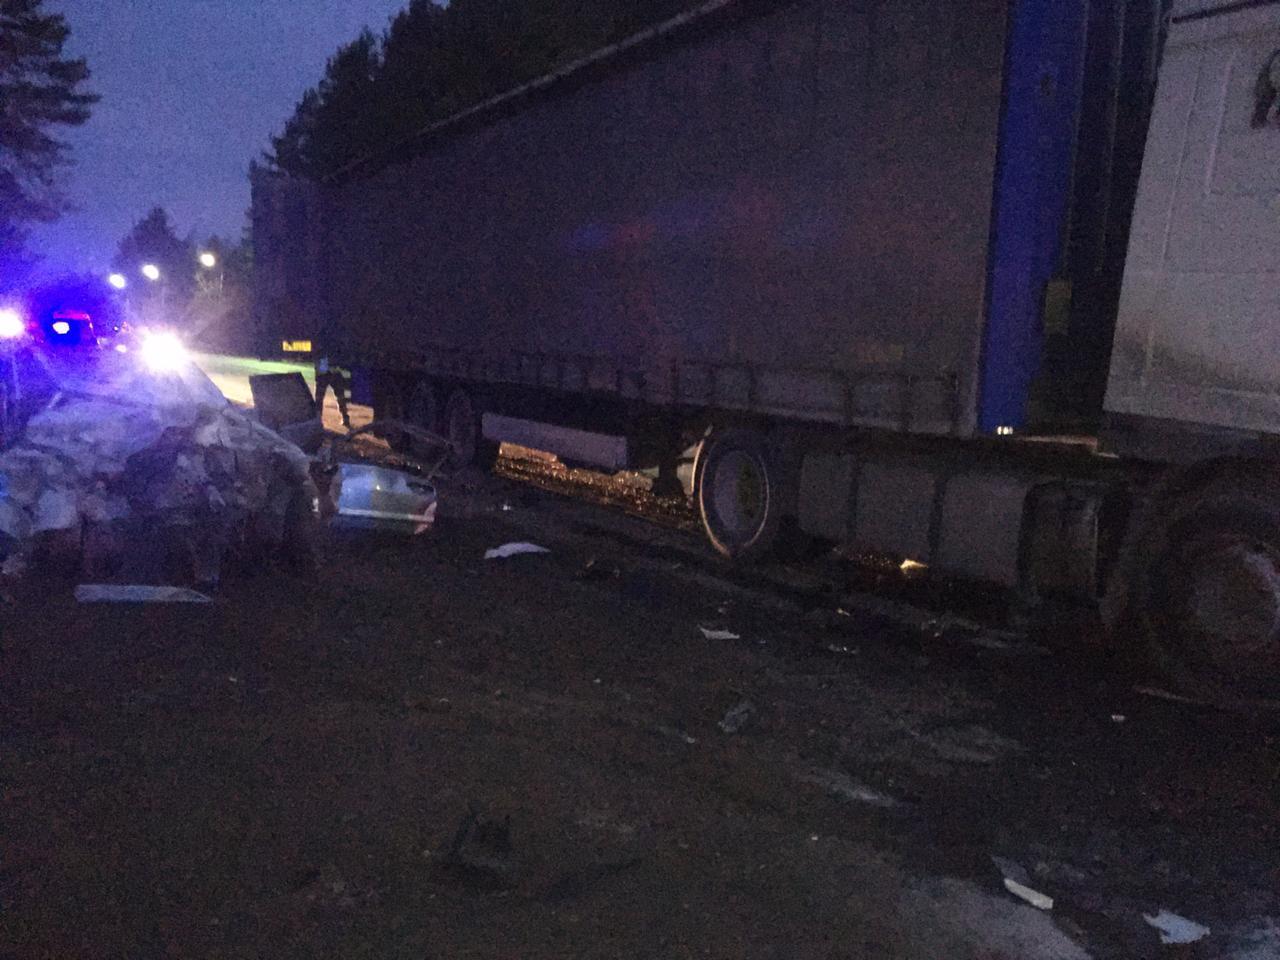 На трассе в Тамбовском районе при столкновении с фурой погиб водитель отечественной легковушки